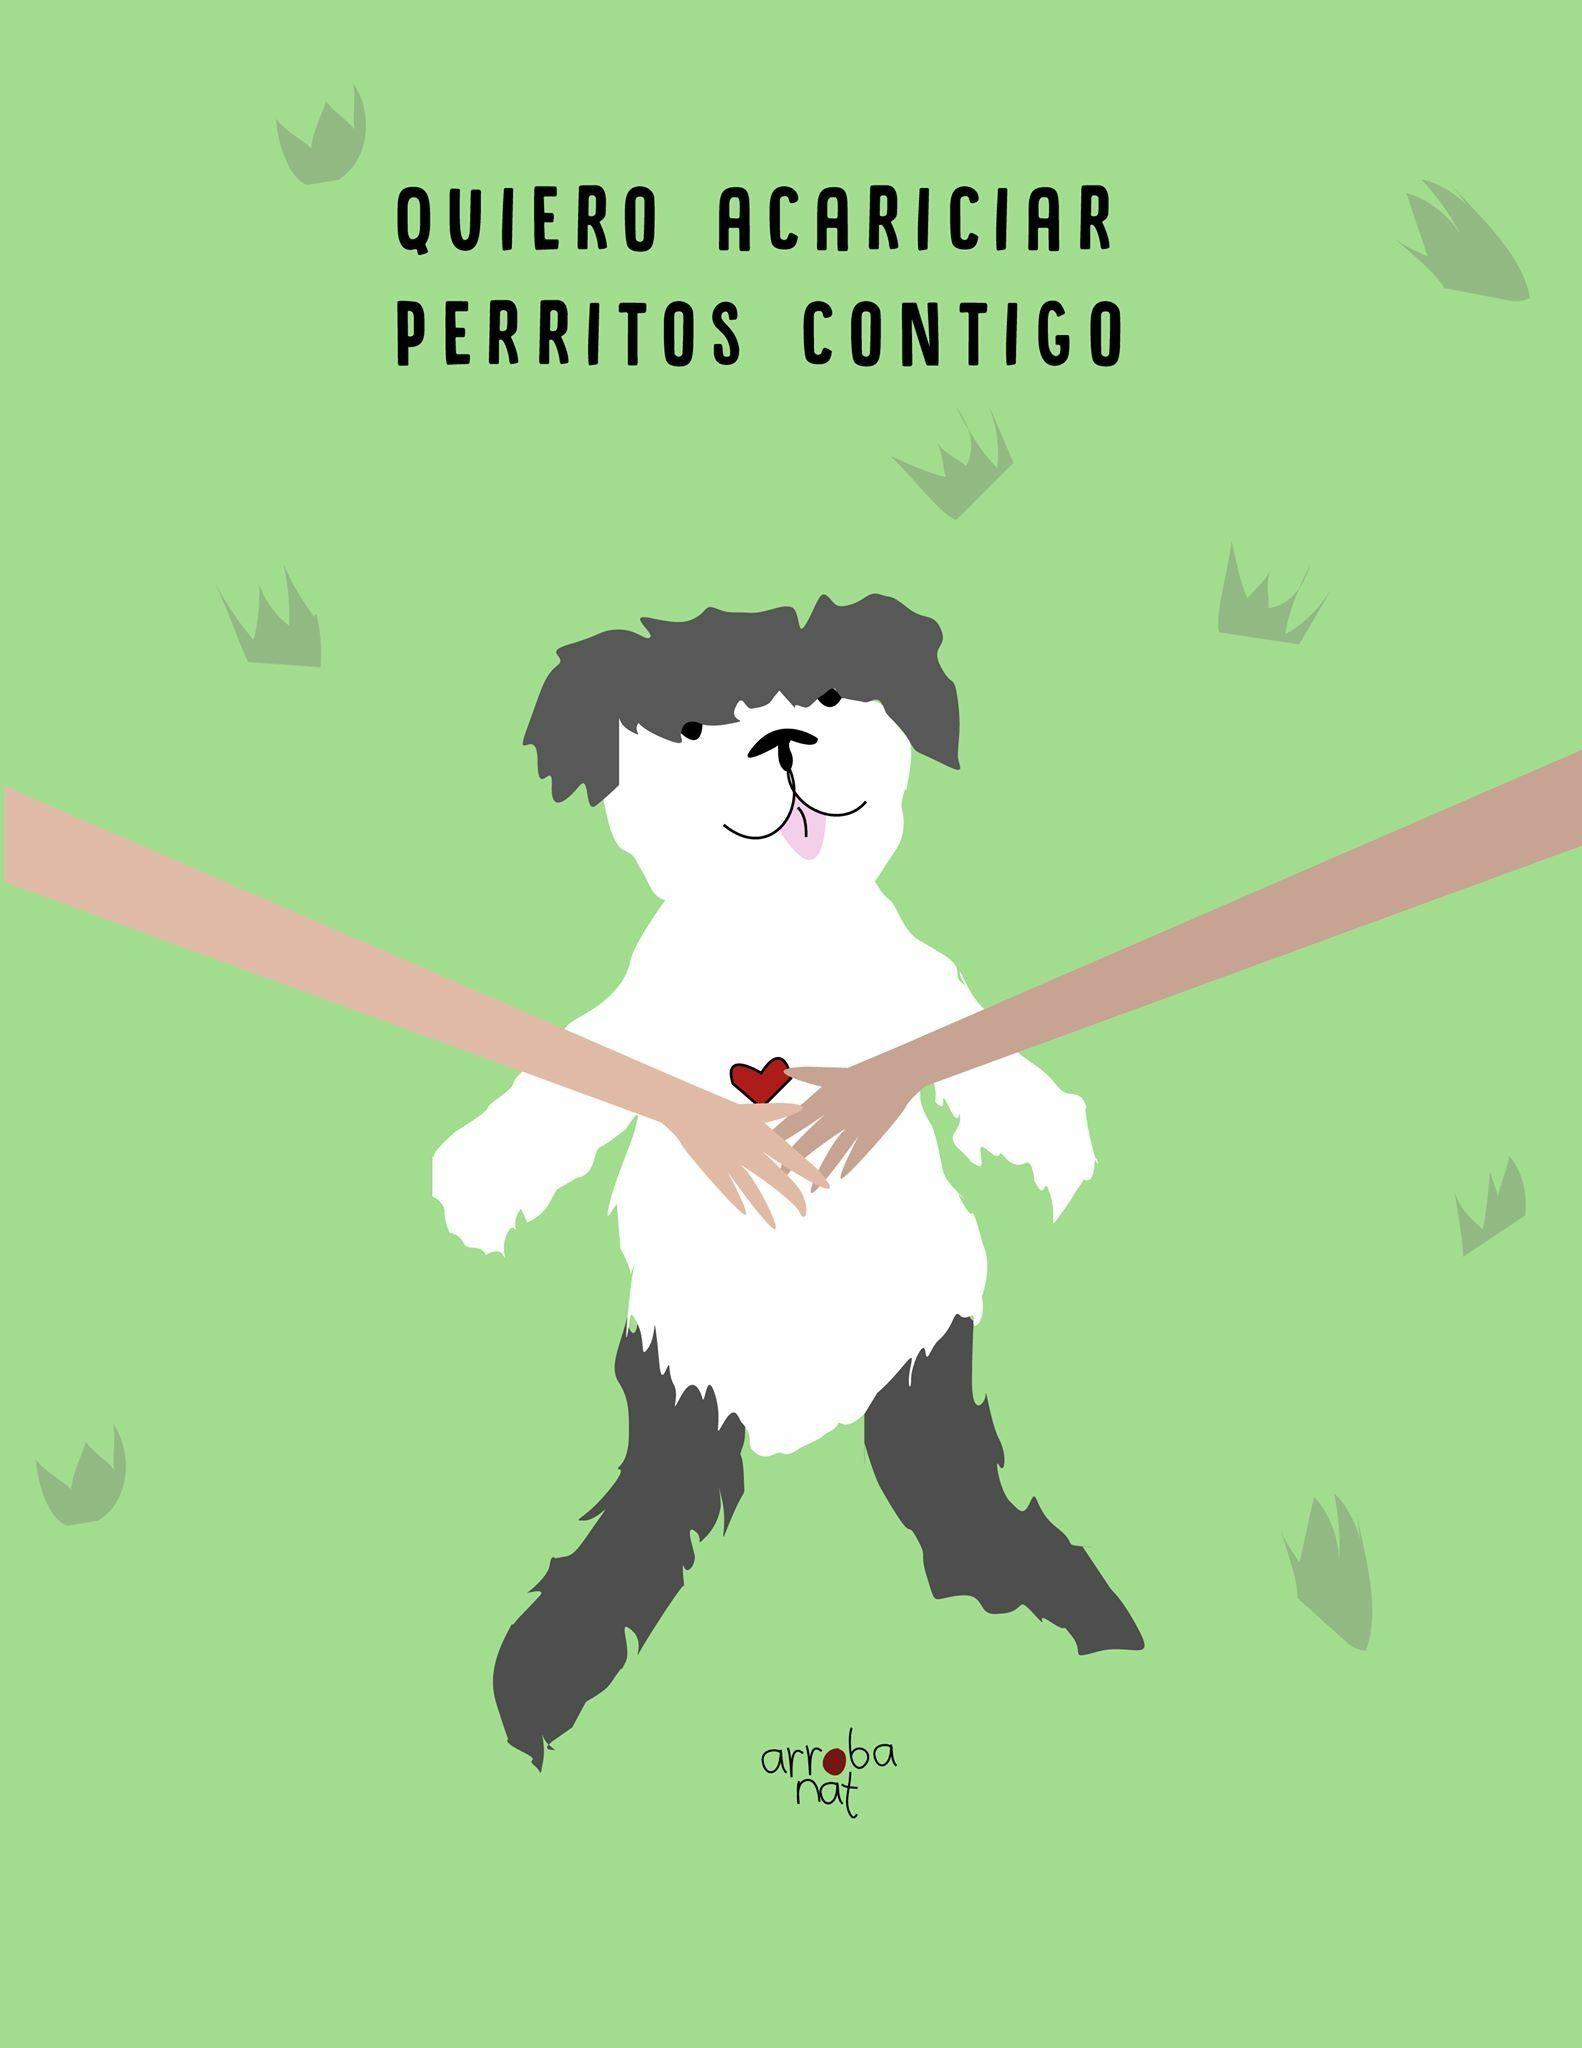 Amores Perros Escenas Hot perro #frases #arrobanat | perros frases, frases sensibles y